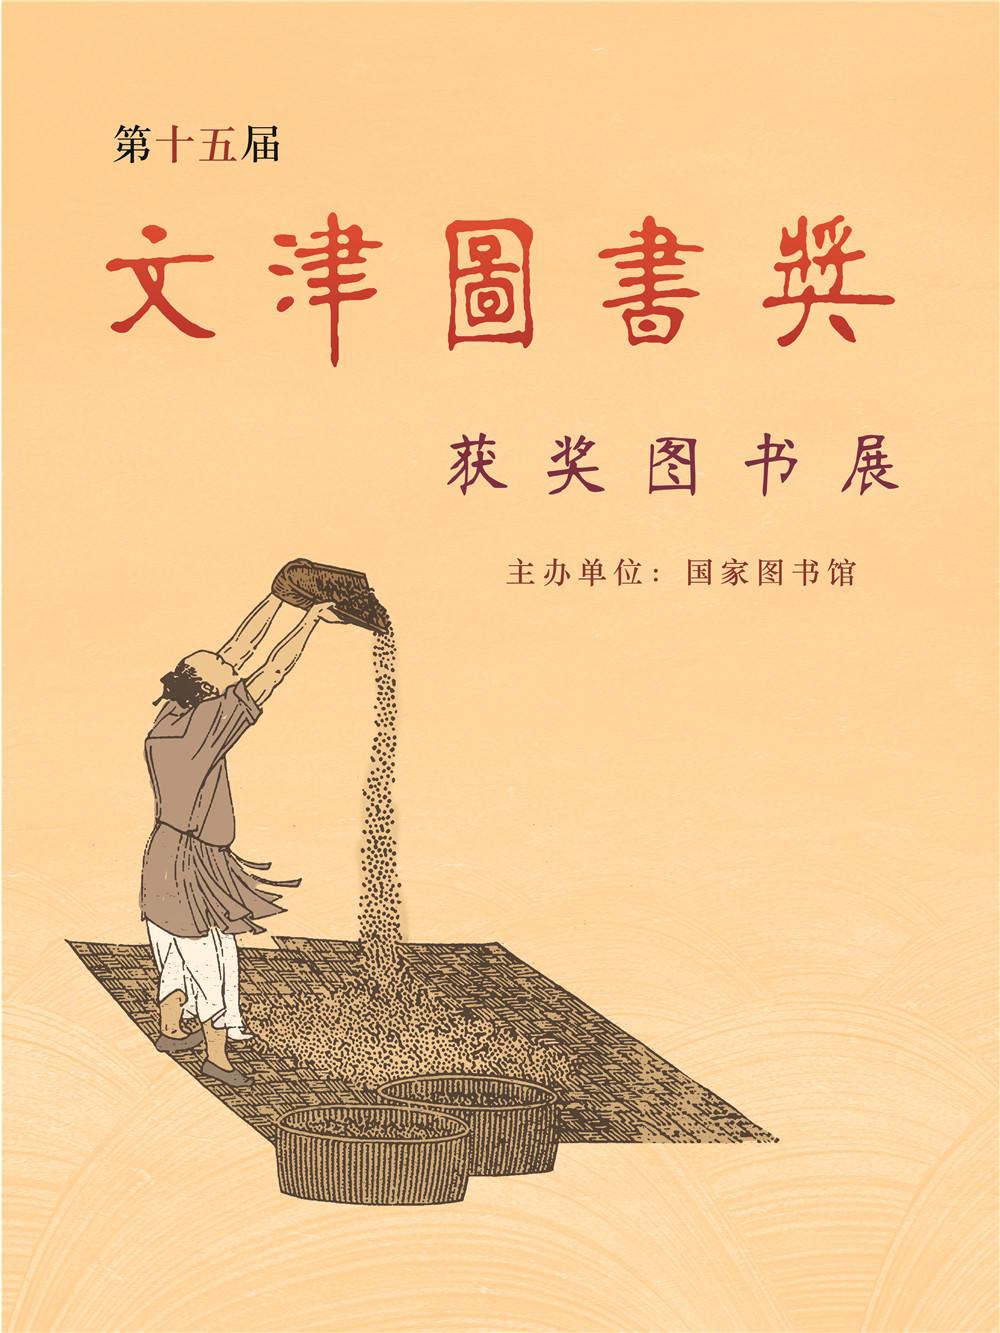 第十五届文津图书奖专题展览